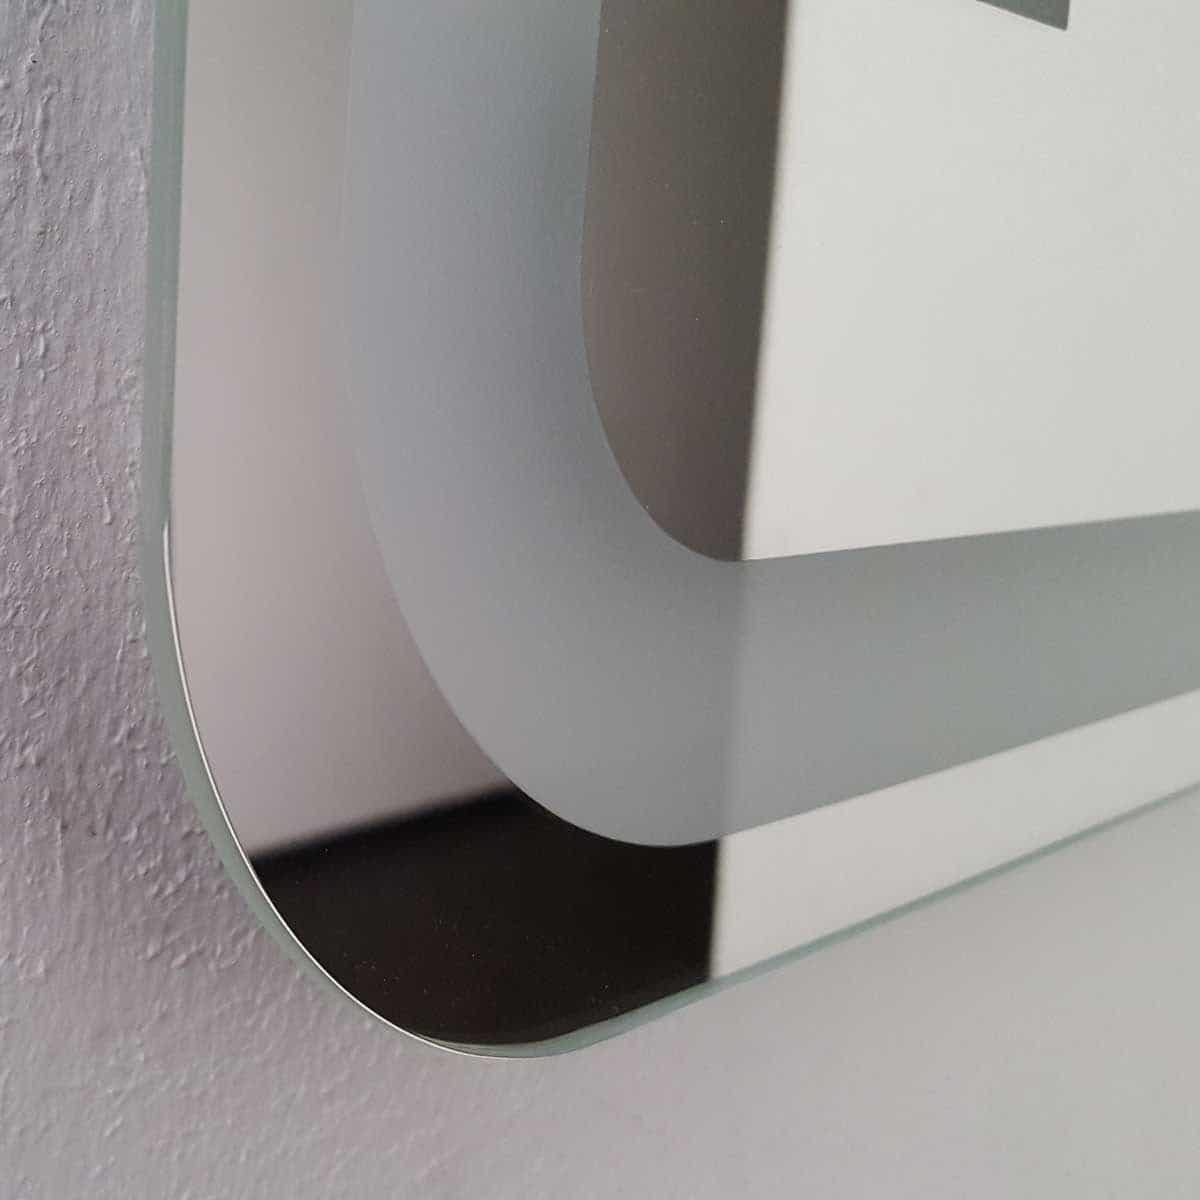 badspiegel led beleuchtet runde ecken k 350. Black Bedroom Furniture Sets. Home Design Ideas